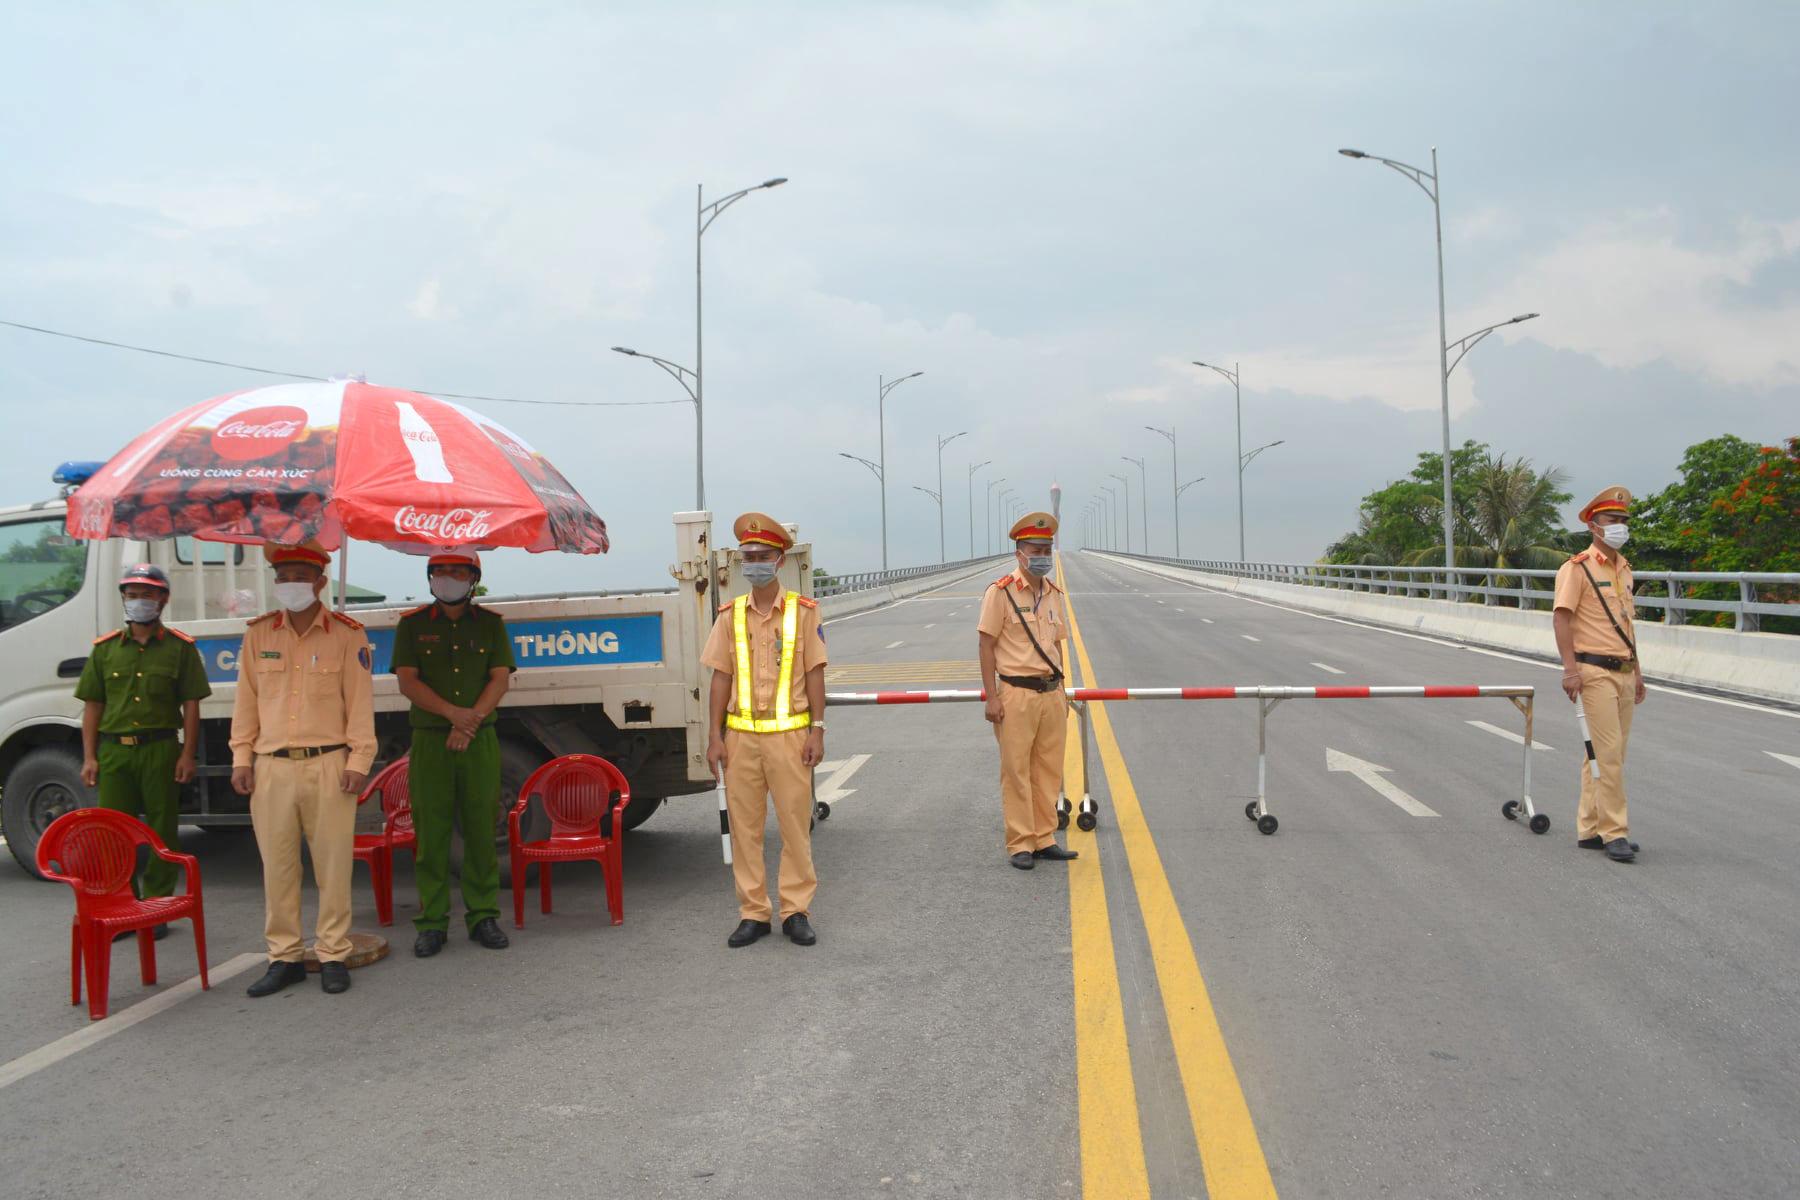 Chốt kiểm soát người, phương tiện giáp ranh Nghệ An và Hà Tĩnh